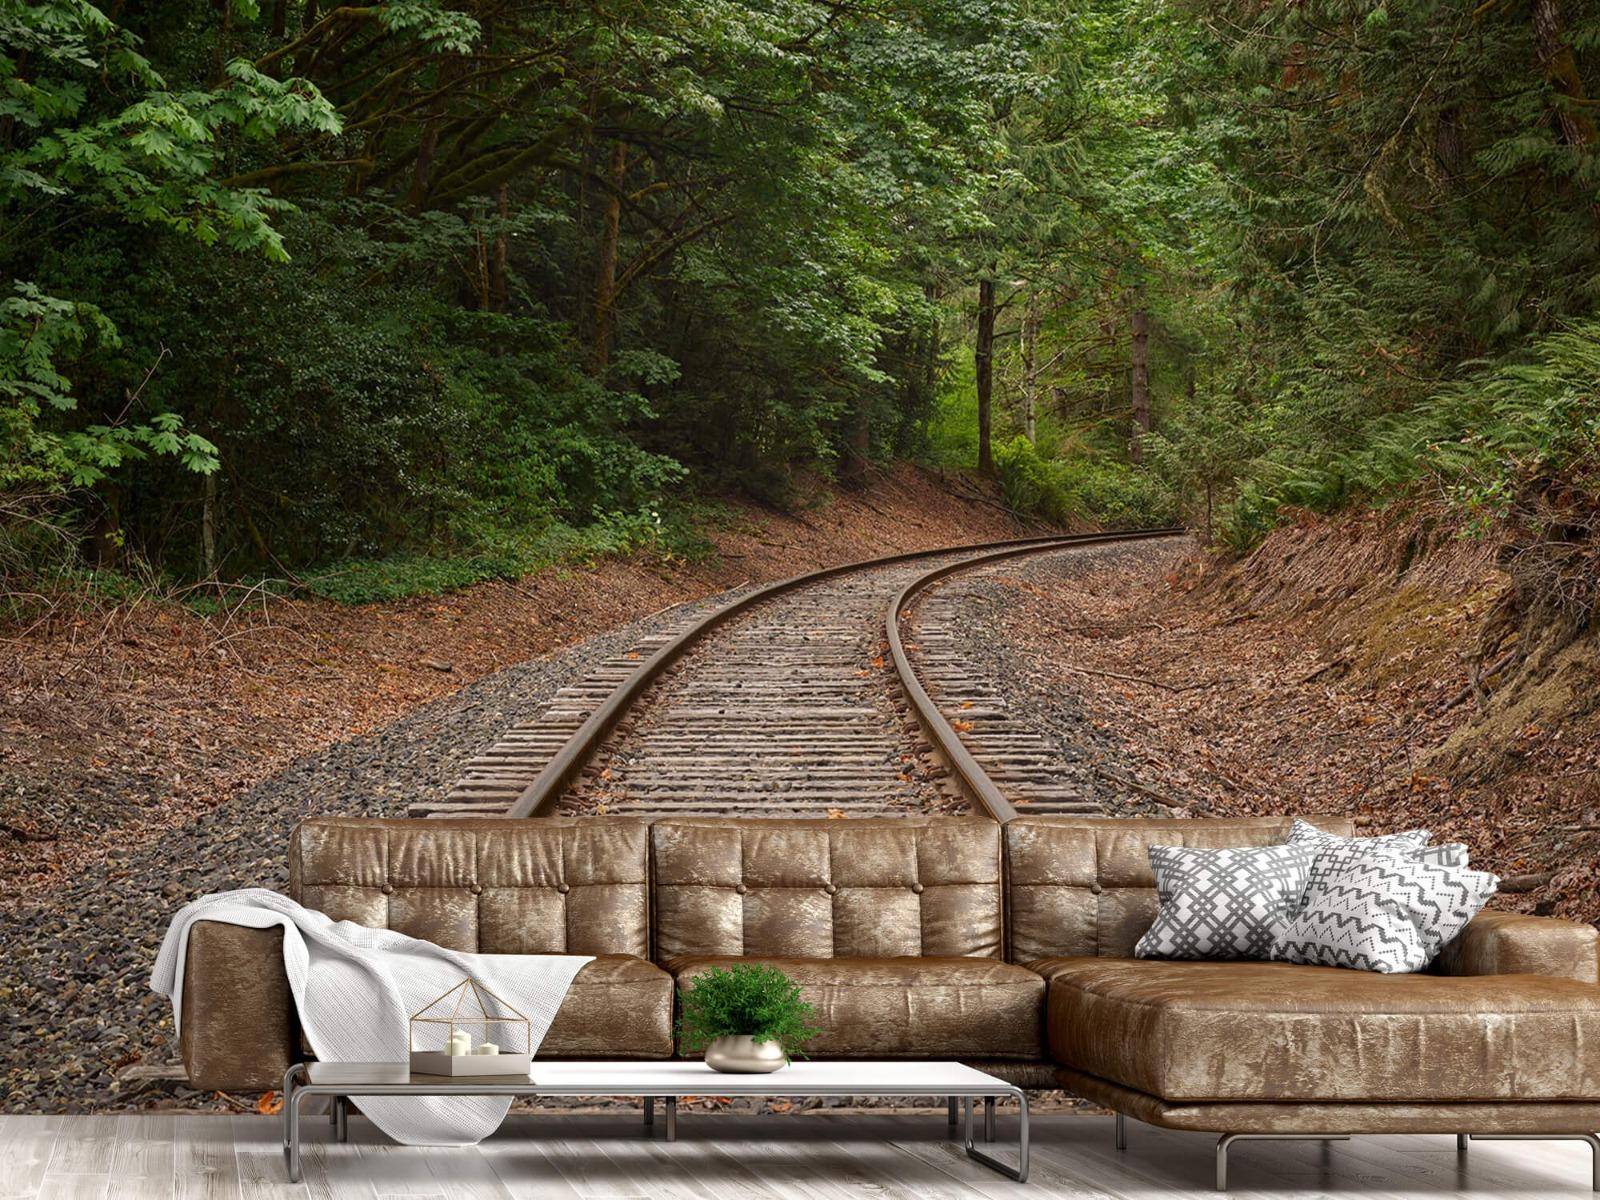 Bos behang - Spoorlijn door het bos - Slaapkamer 14